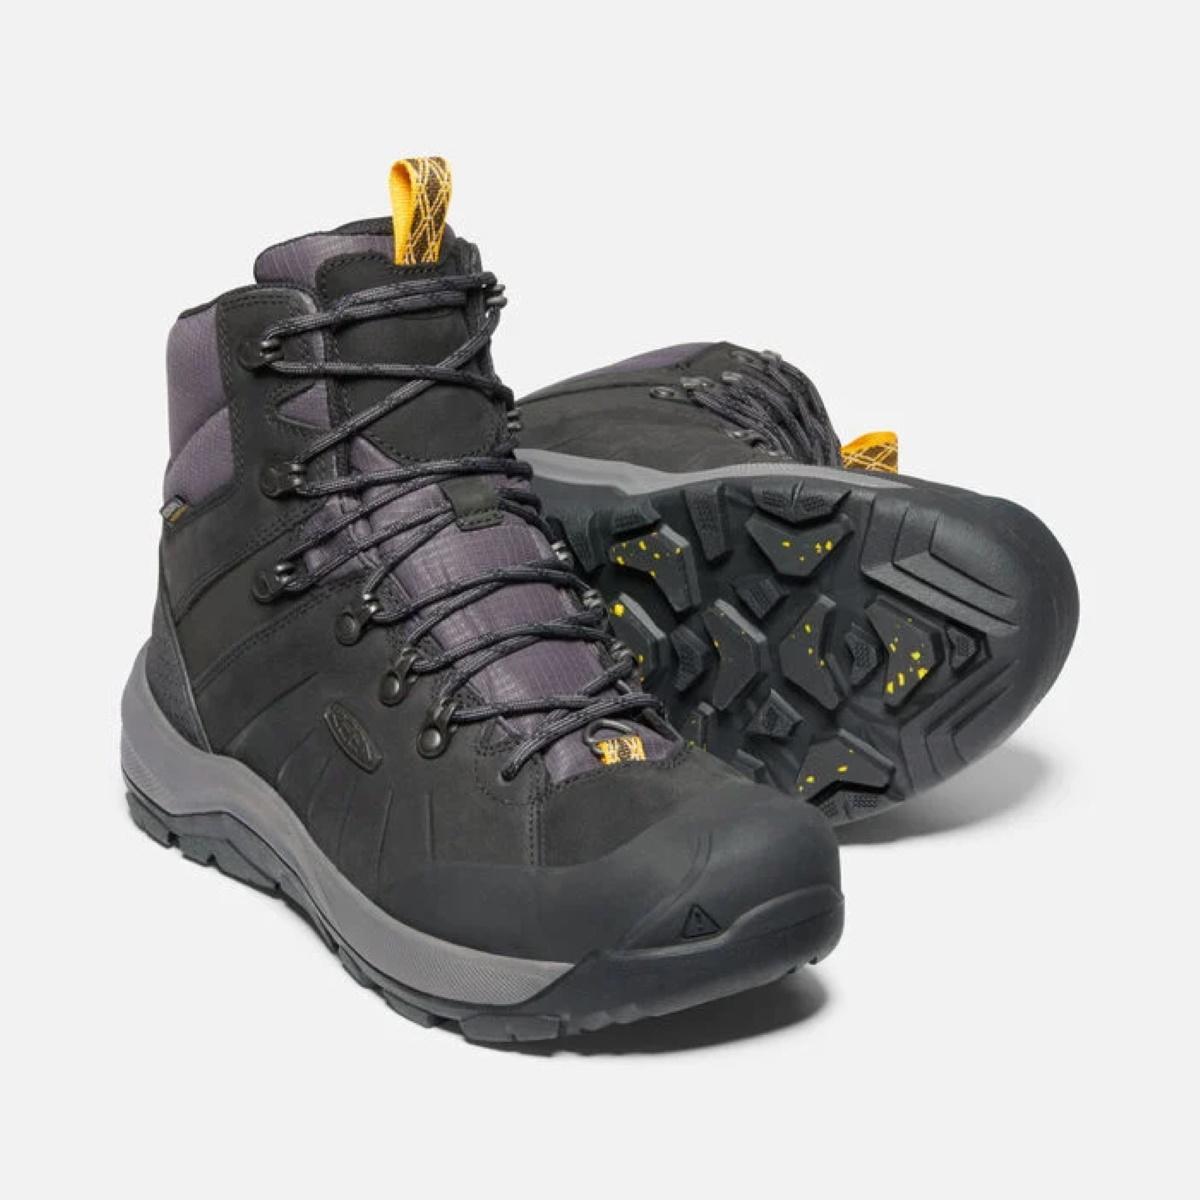 Keen Footwear